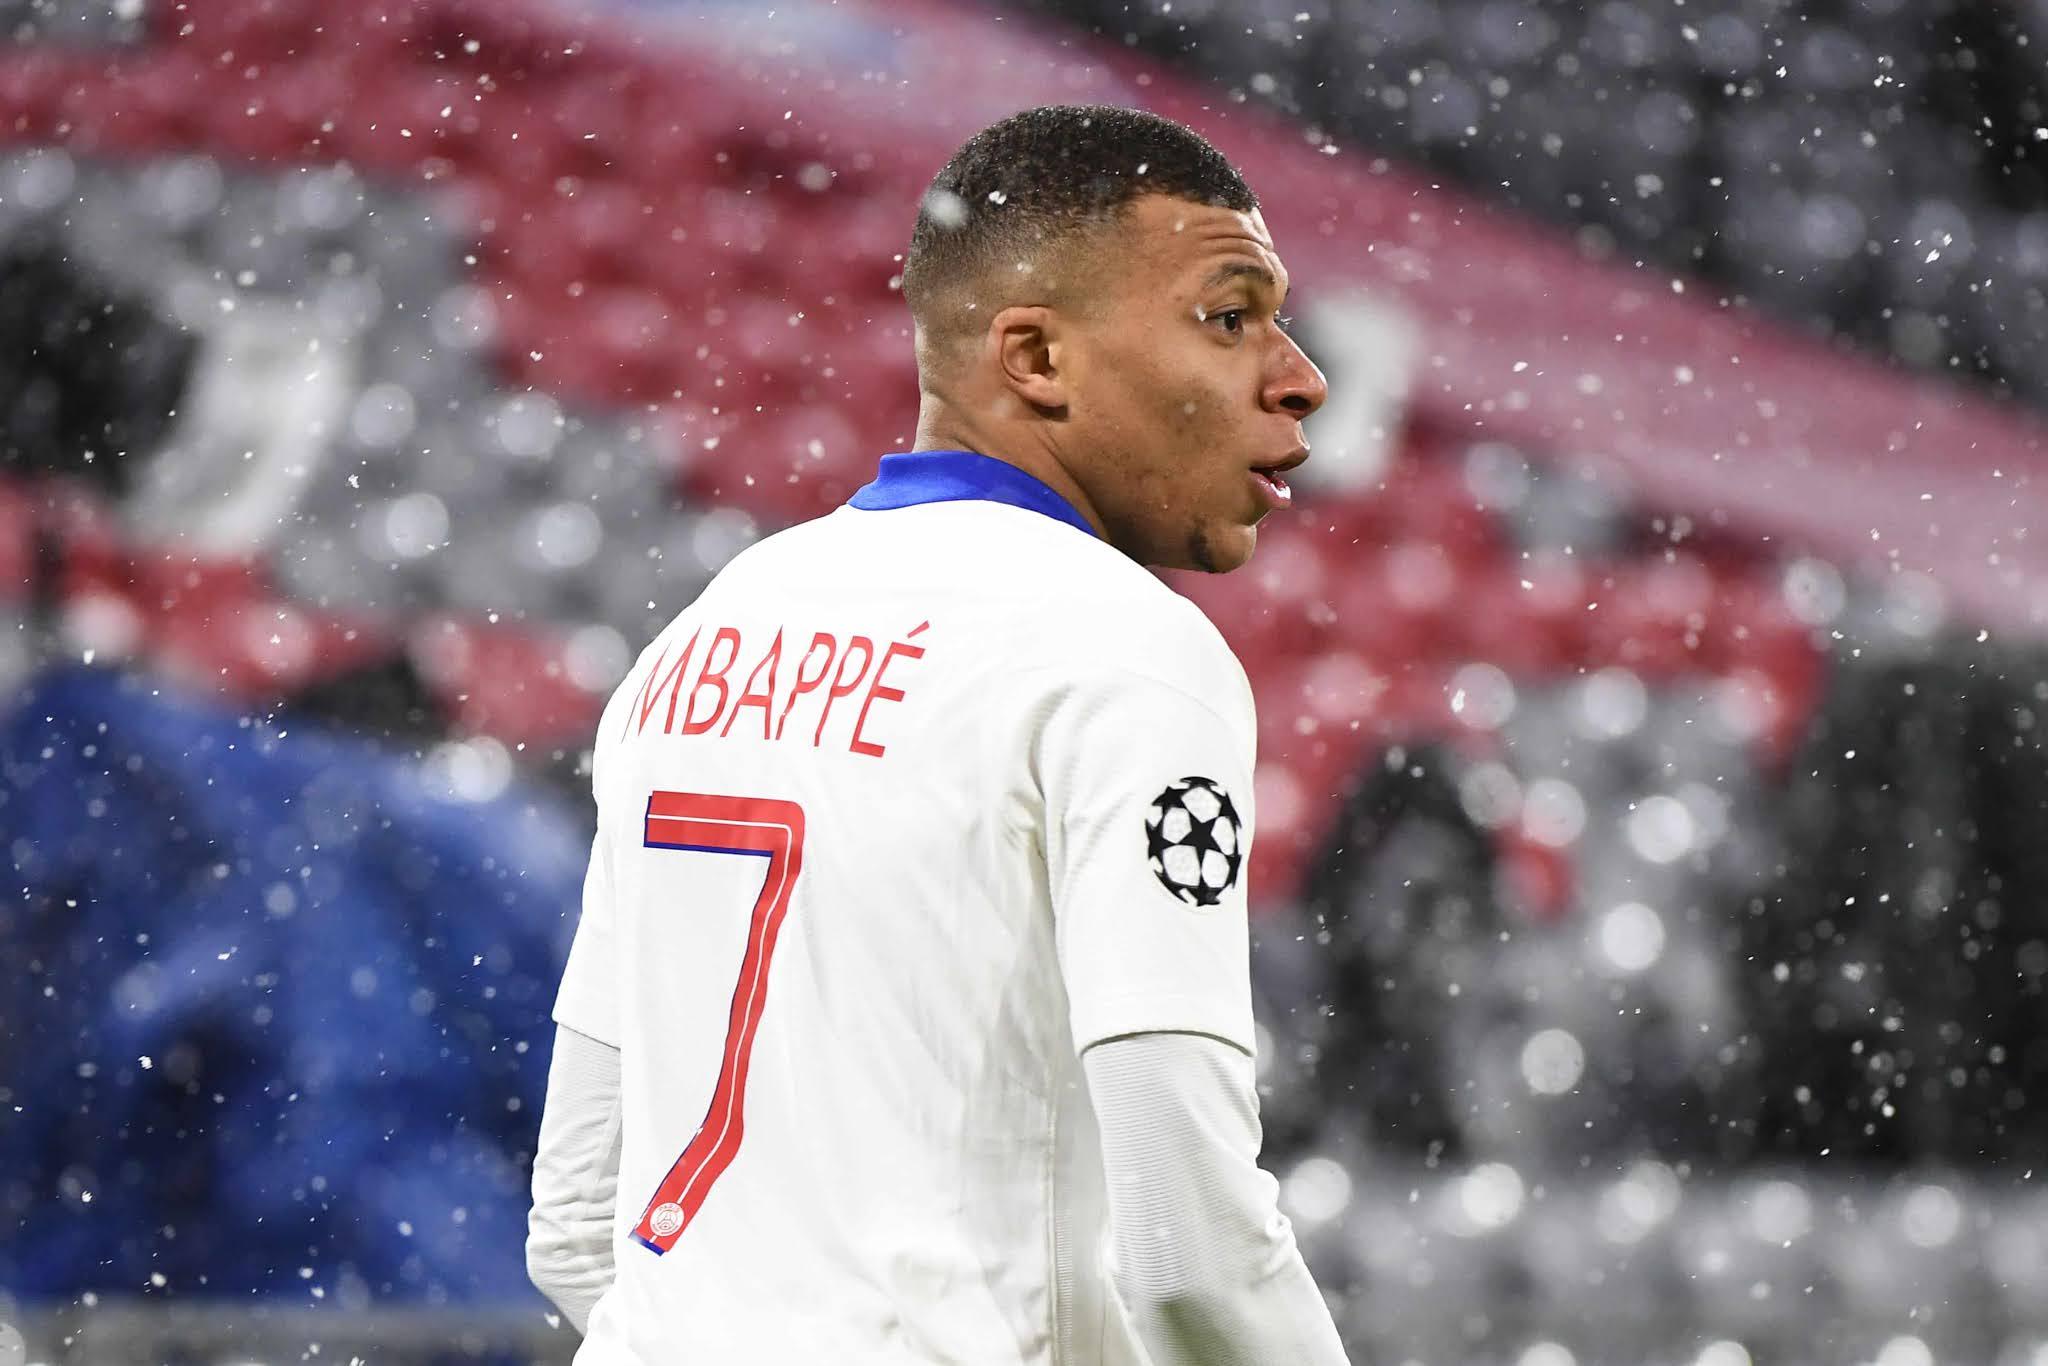 El francés Mbappé no renueva en PSG y elegiría al Real Madrid según la prensa española